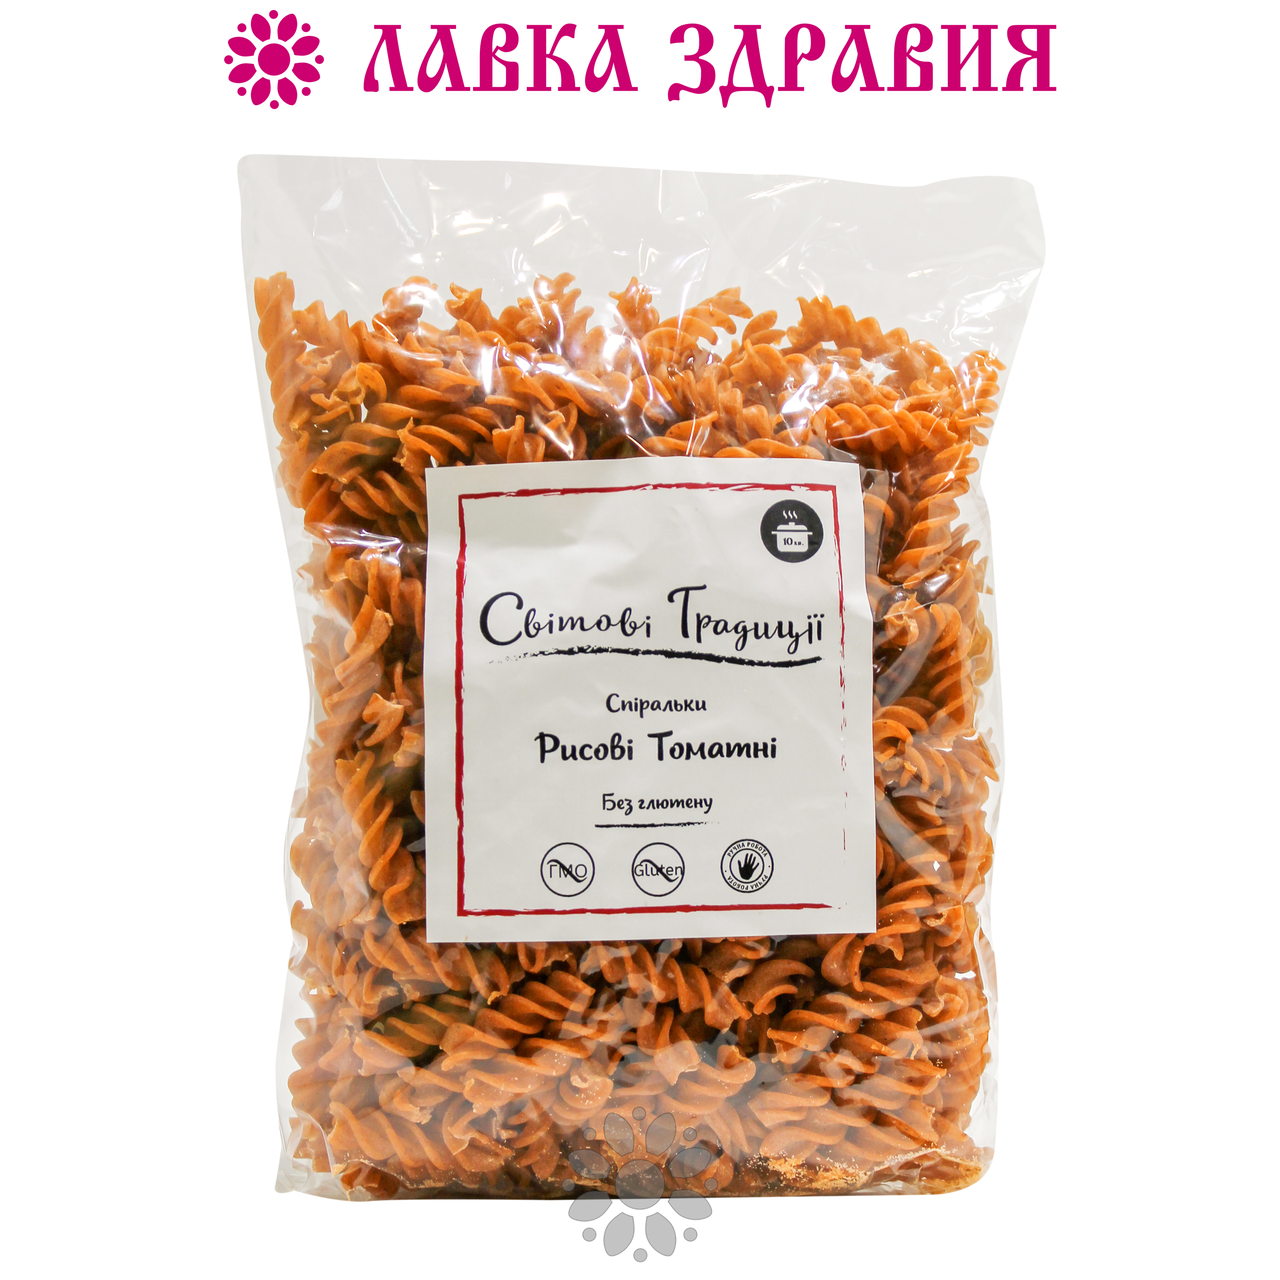 """Макарони-спіральки рисові томатні (без глютену) """"Світові традиції"""" 500 г"""